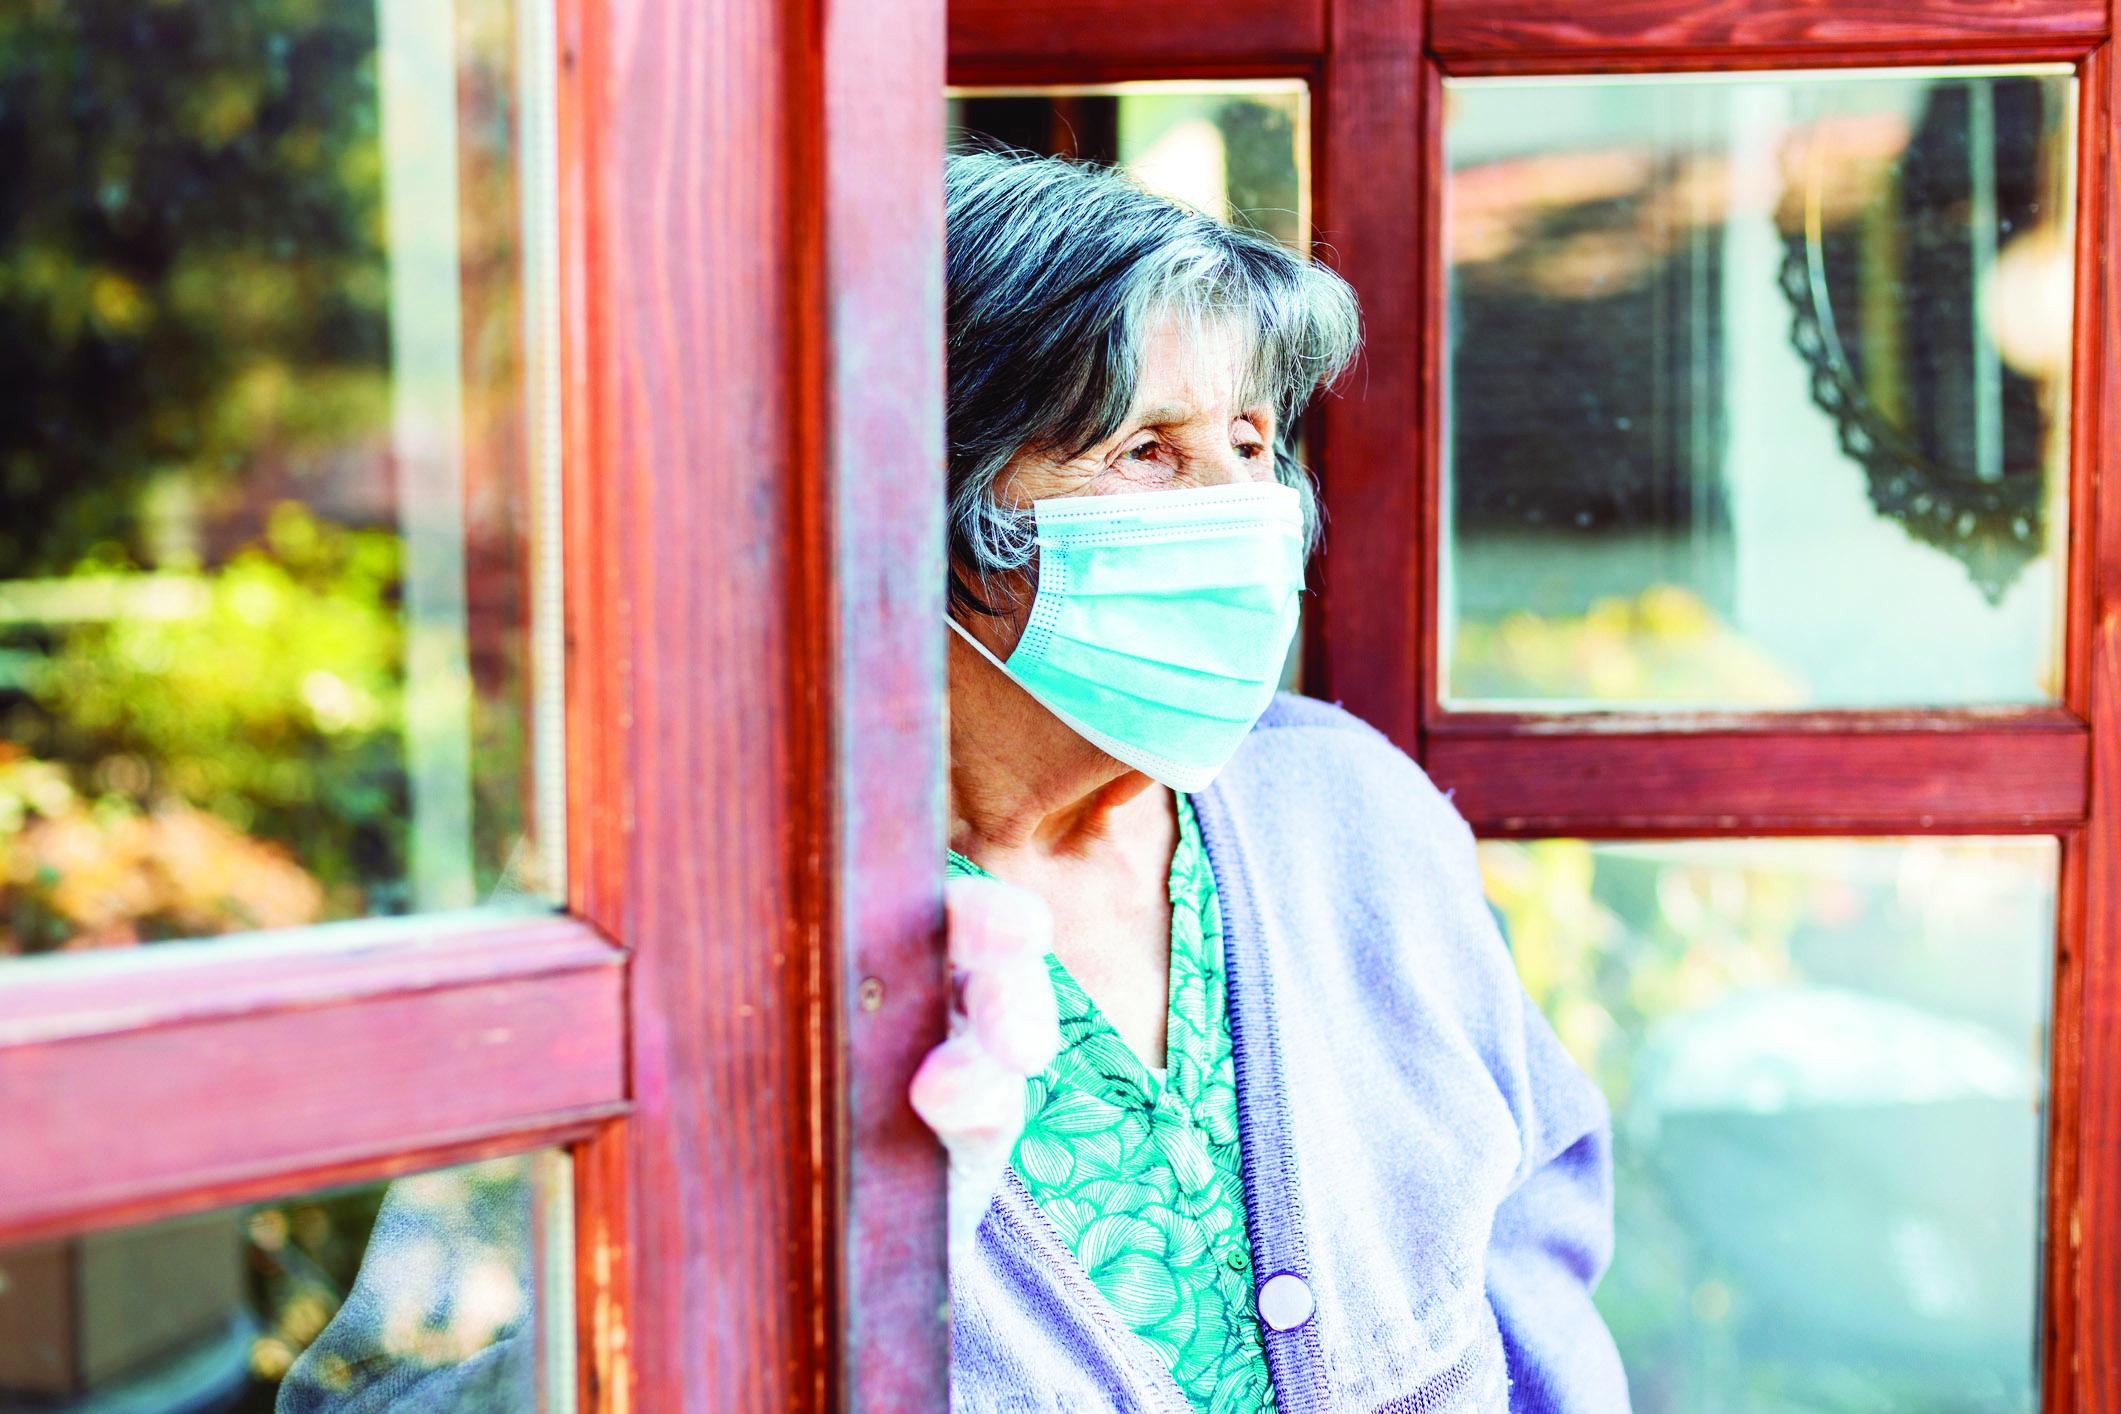 Virüs bulaşma korkusu kalbi vuruyor